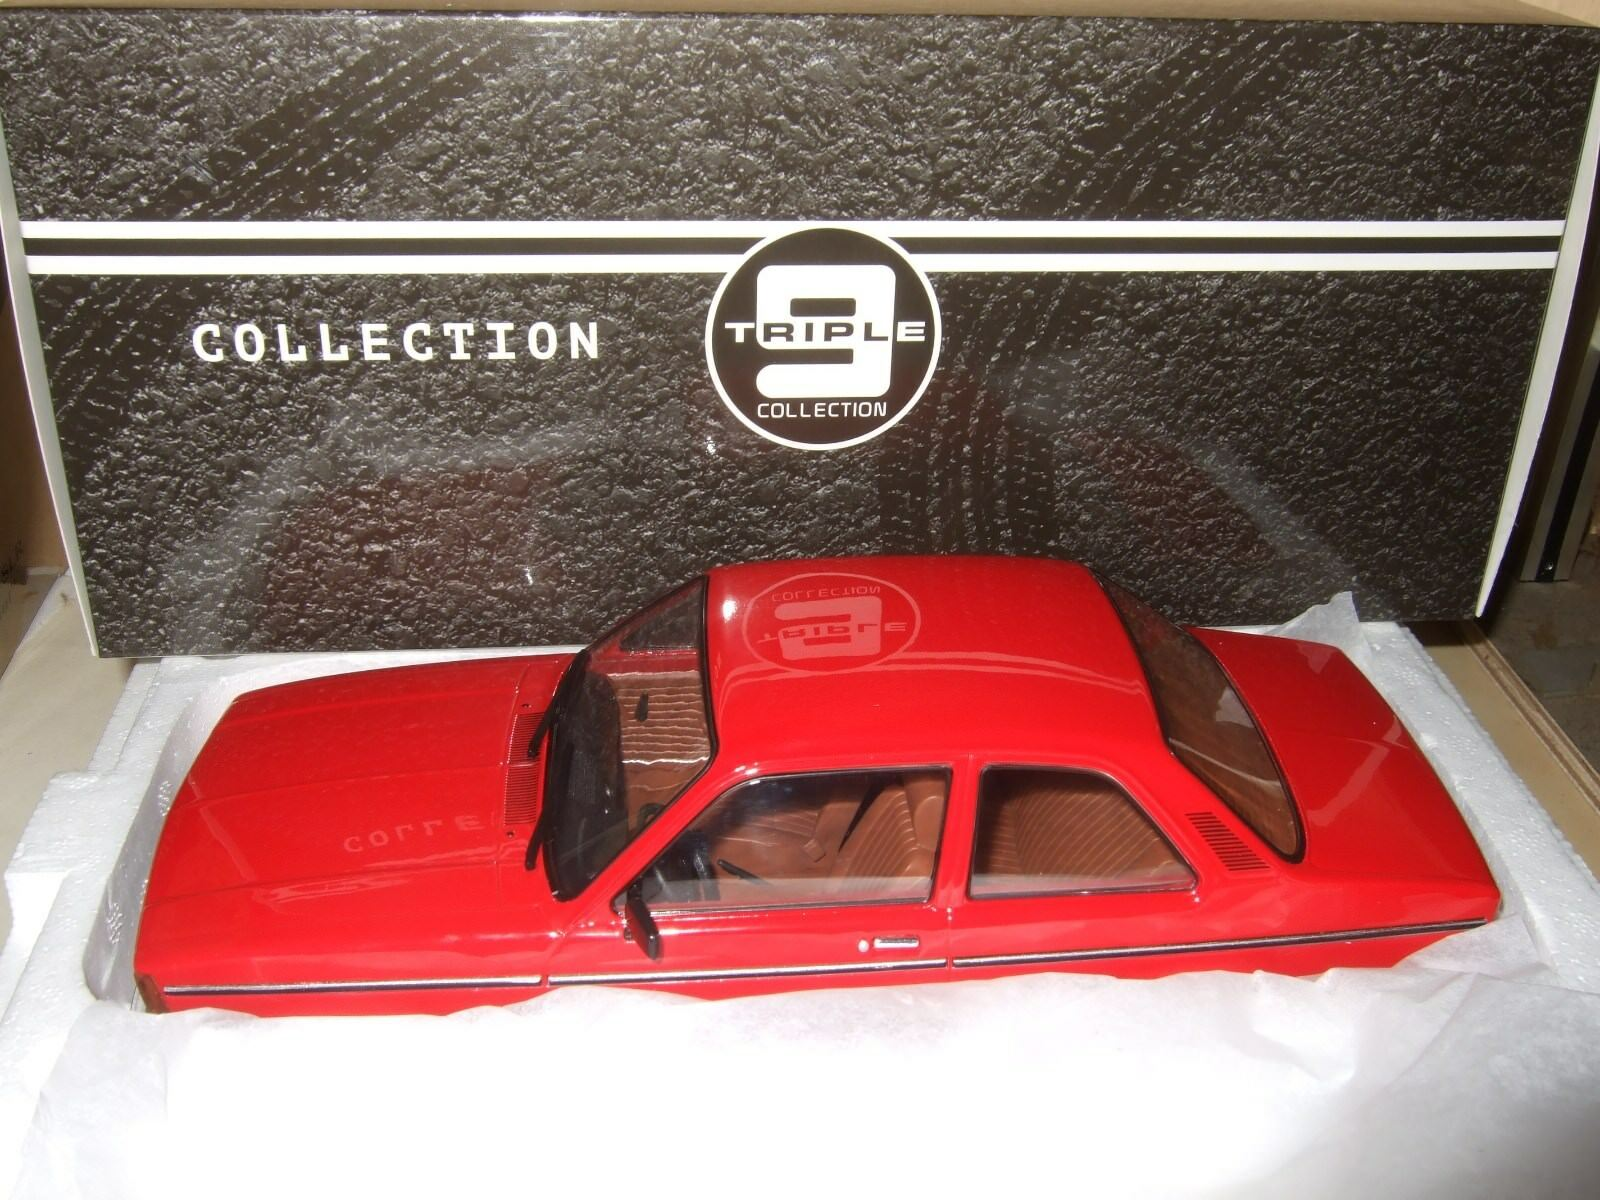 mejor vendido Opel Kadett c2 rojo 1977 de de de triple 9 1 18 nuevo & OVP  comprar ahora